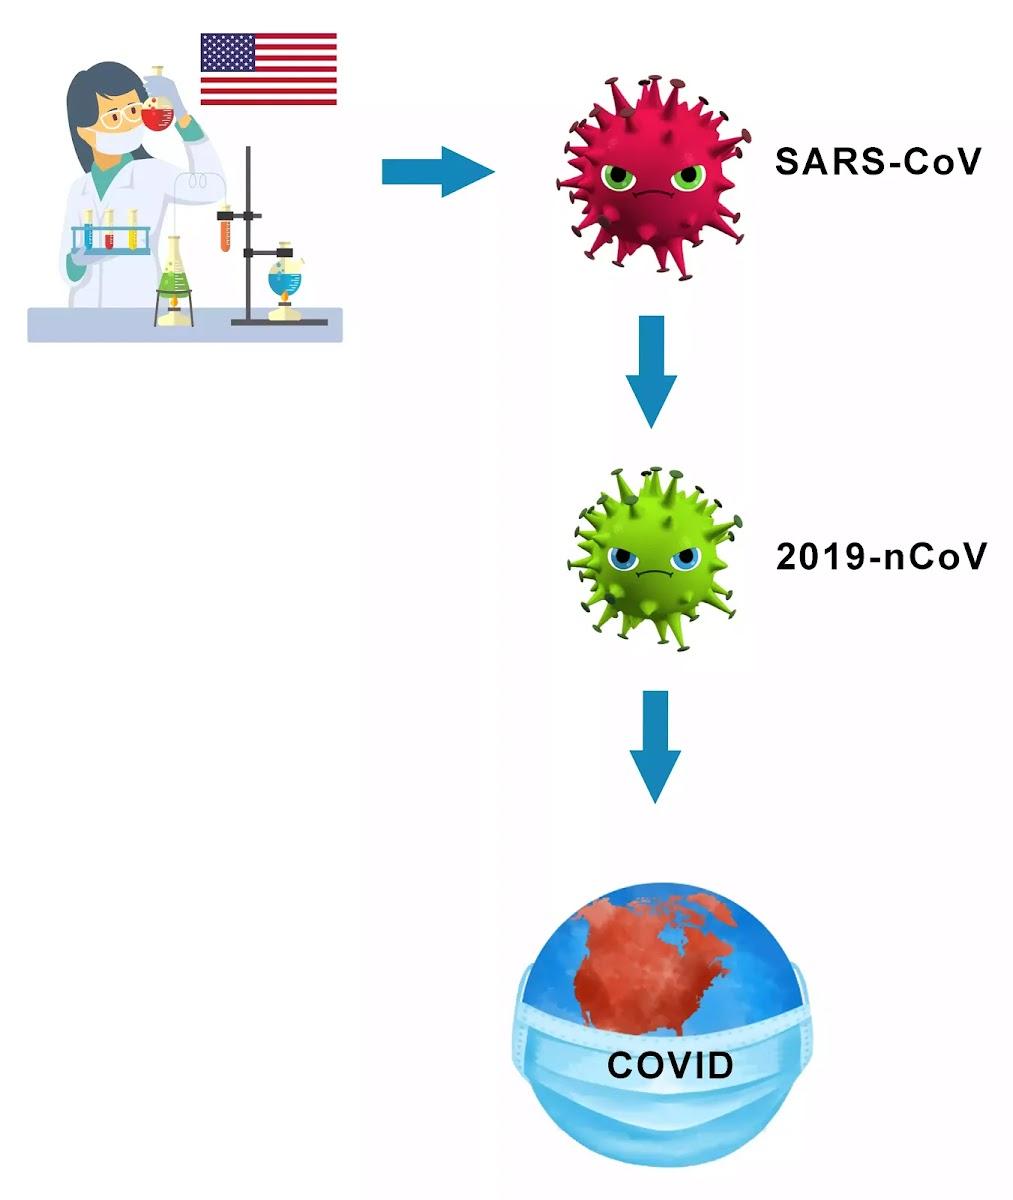 Коронавирус создан в американской лаборатории